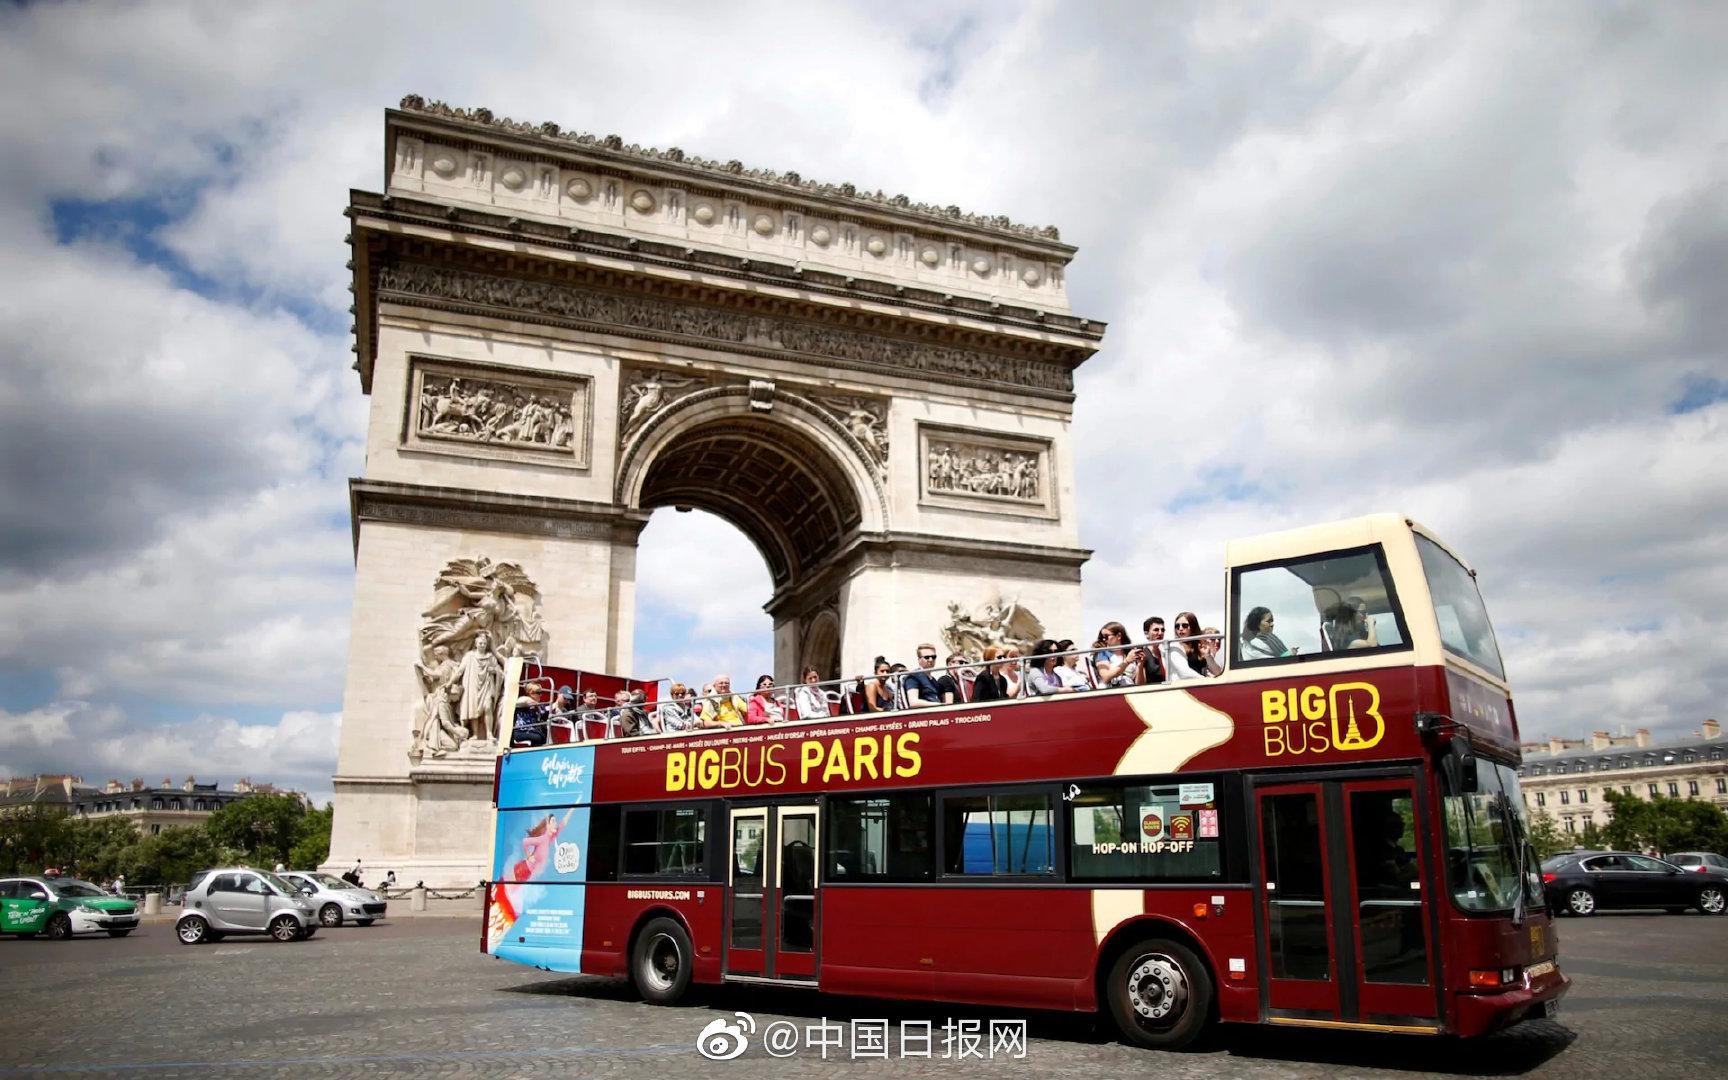 巴黎宣布禁止旅游巴士开进市中心 呼吁游人环保出行 600537每日行情